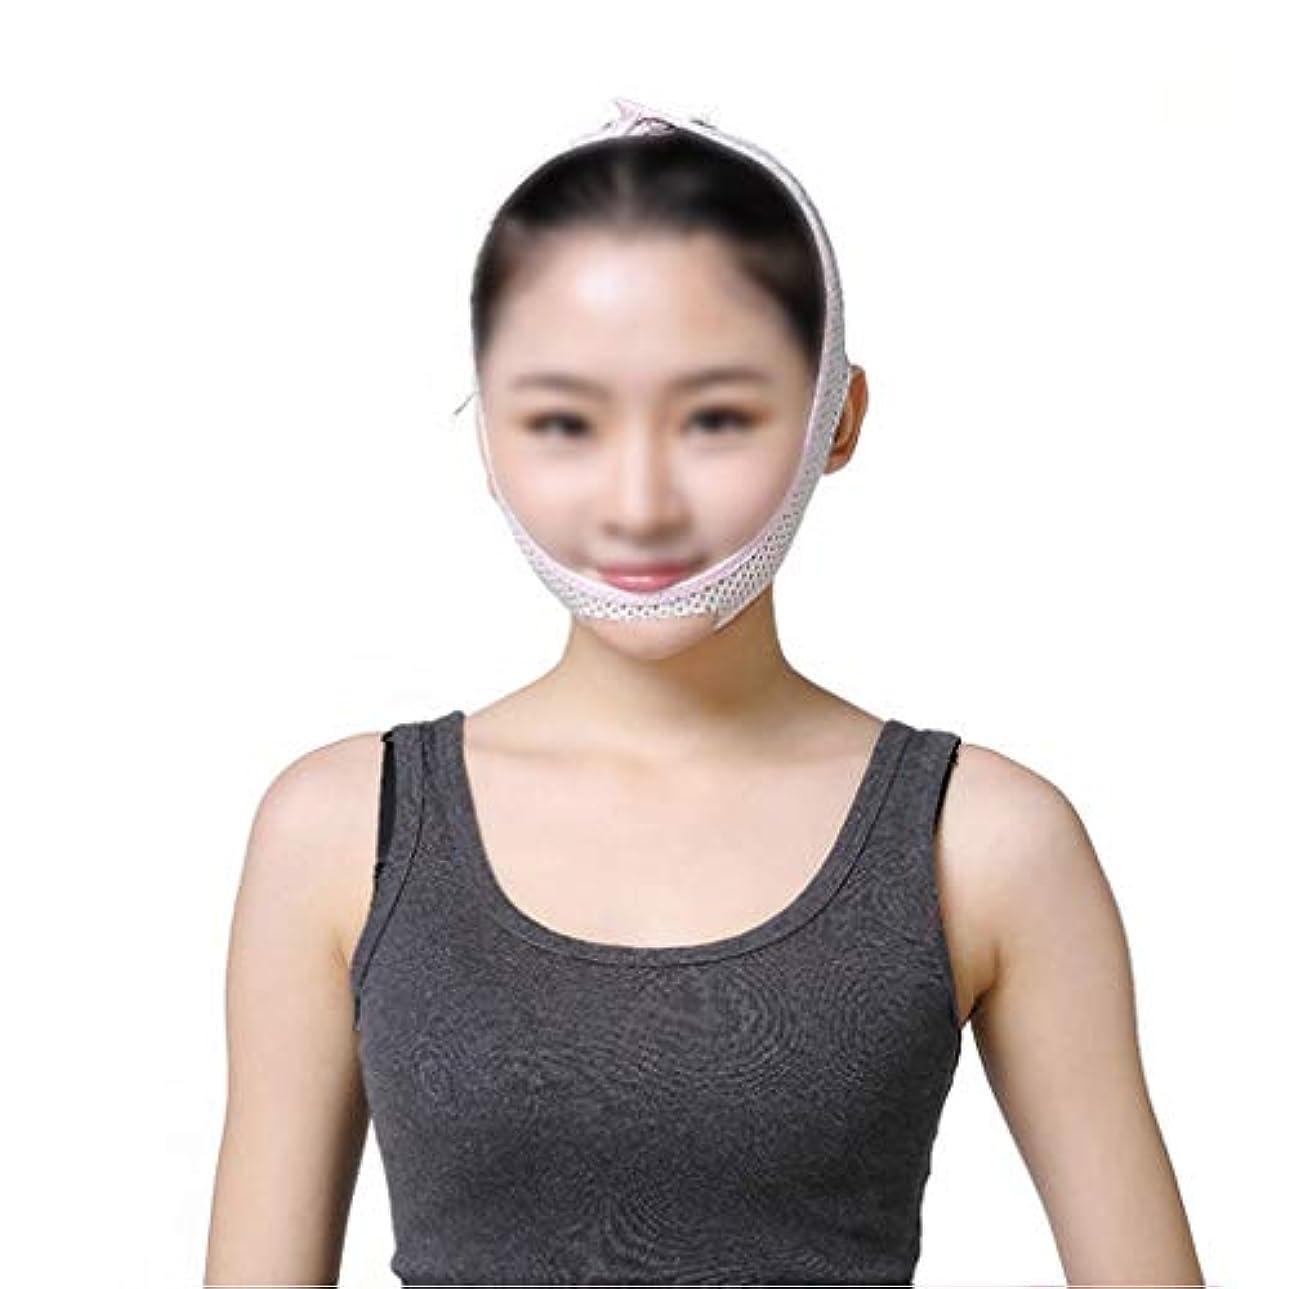 崇拝します懺悔デザイナーGLJJQMY 薄い顔のマスク快適な 引き締め肌の引き締め睡眠薄い顔のアーティファクト抗しわ除去二重あご術後回復マスク 顔用整形マスク